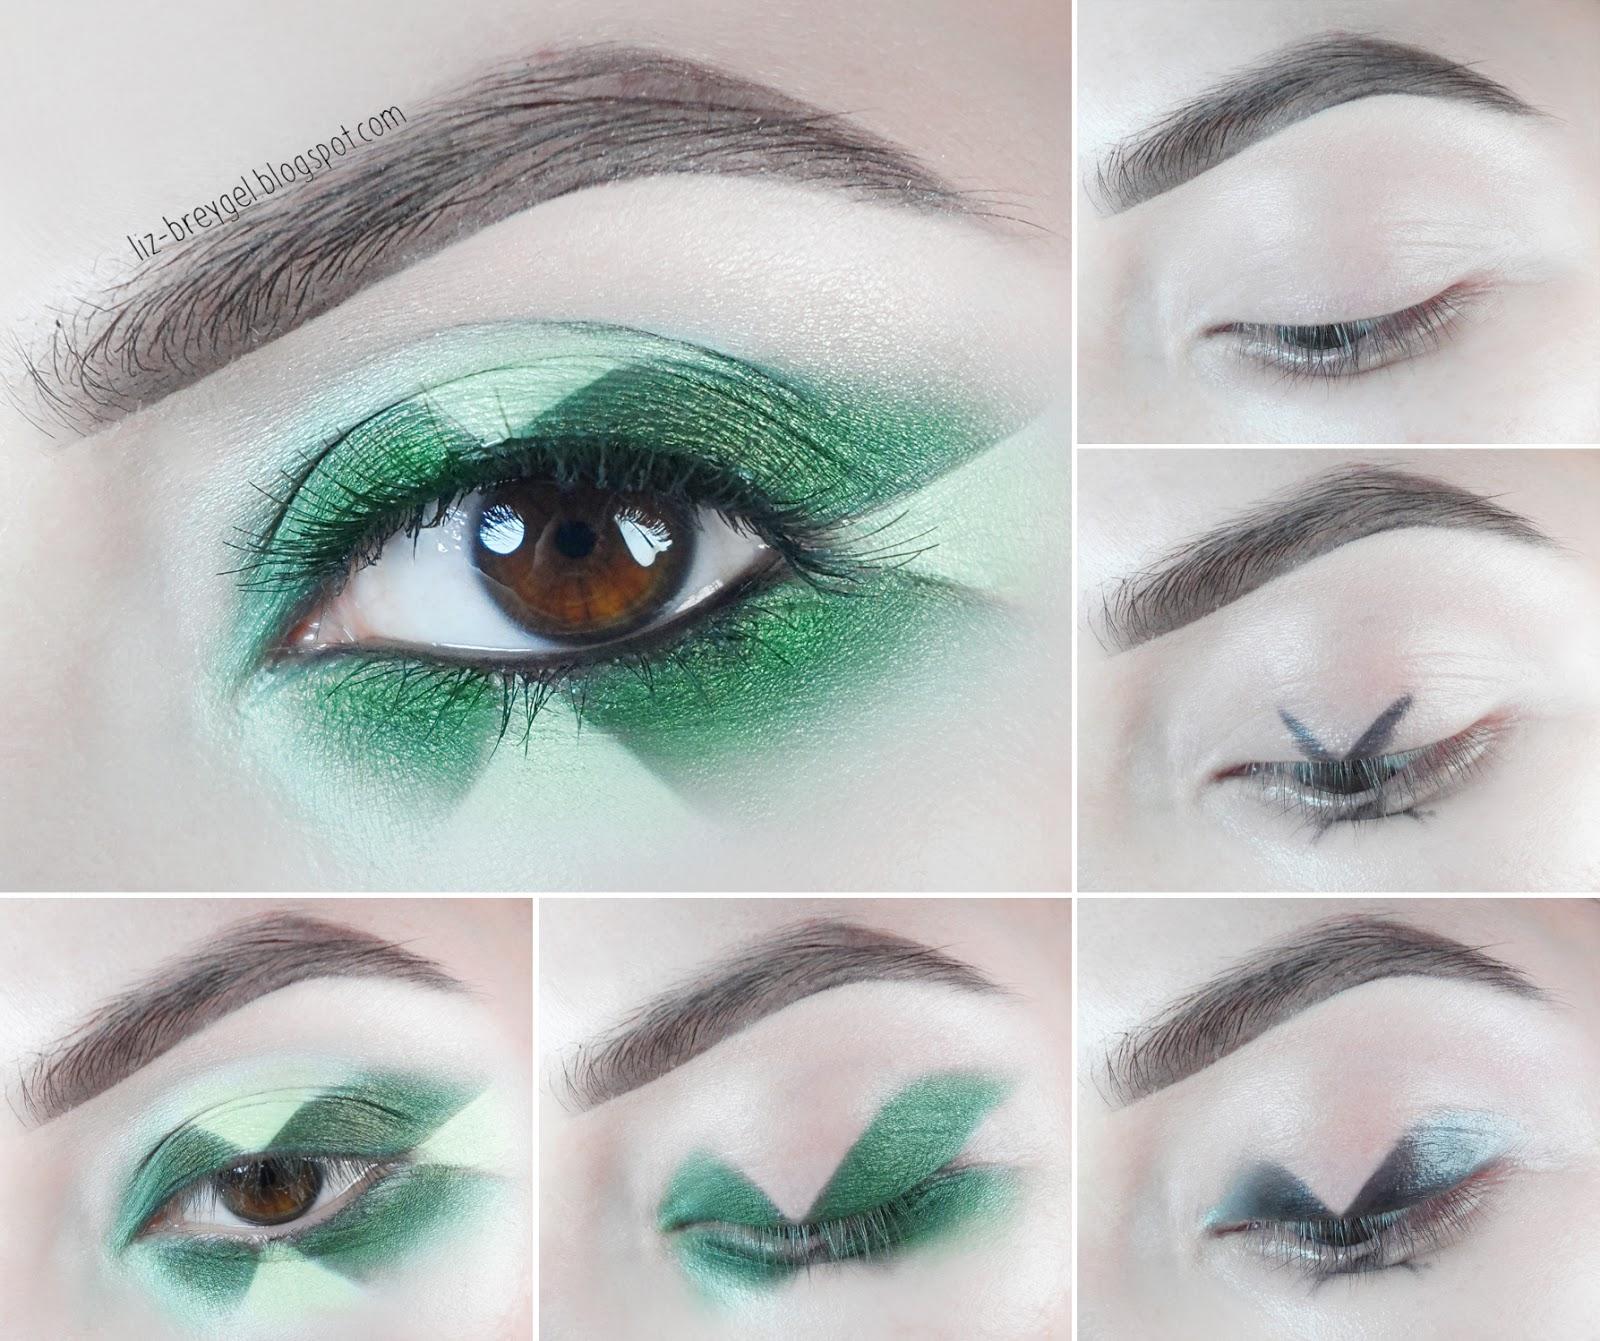 radiance Radiation eye makeup emerald step by step makeup birthstone look tutorial liz breygel